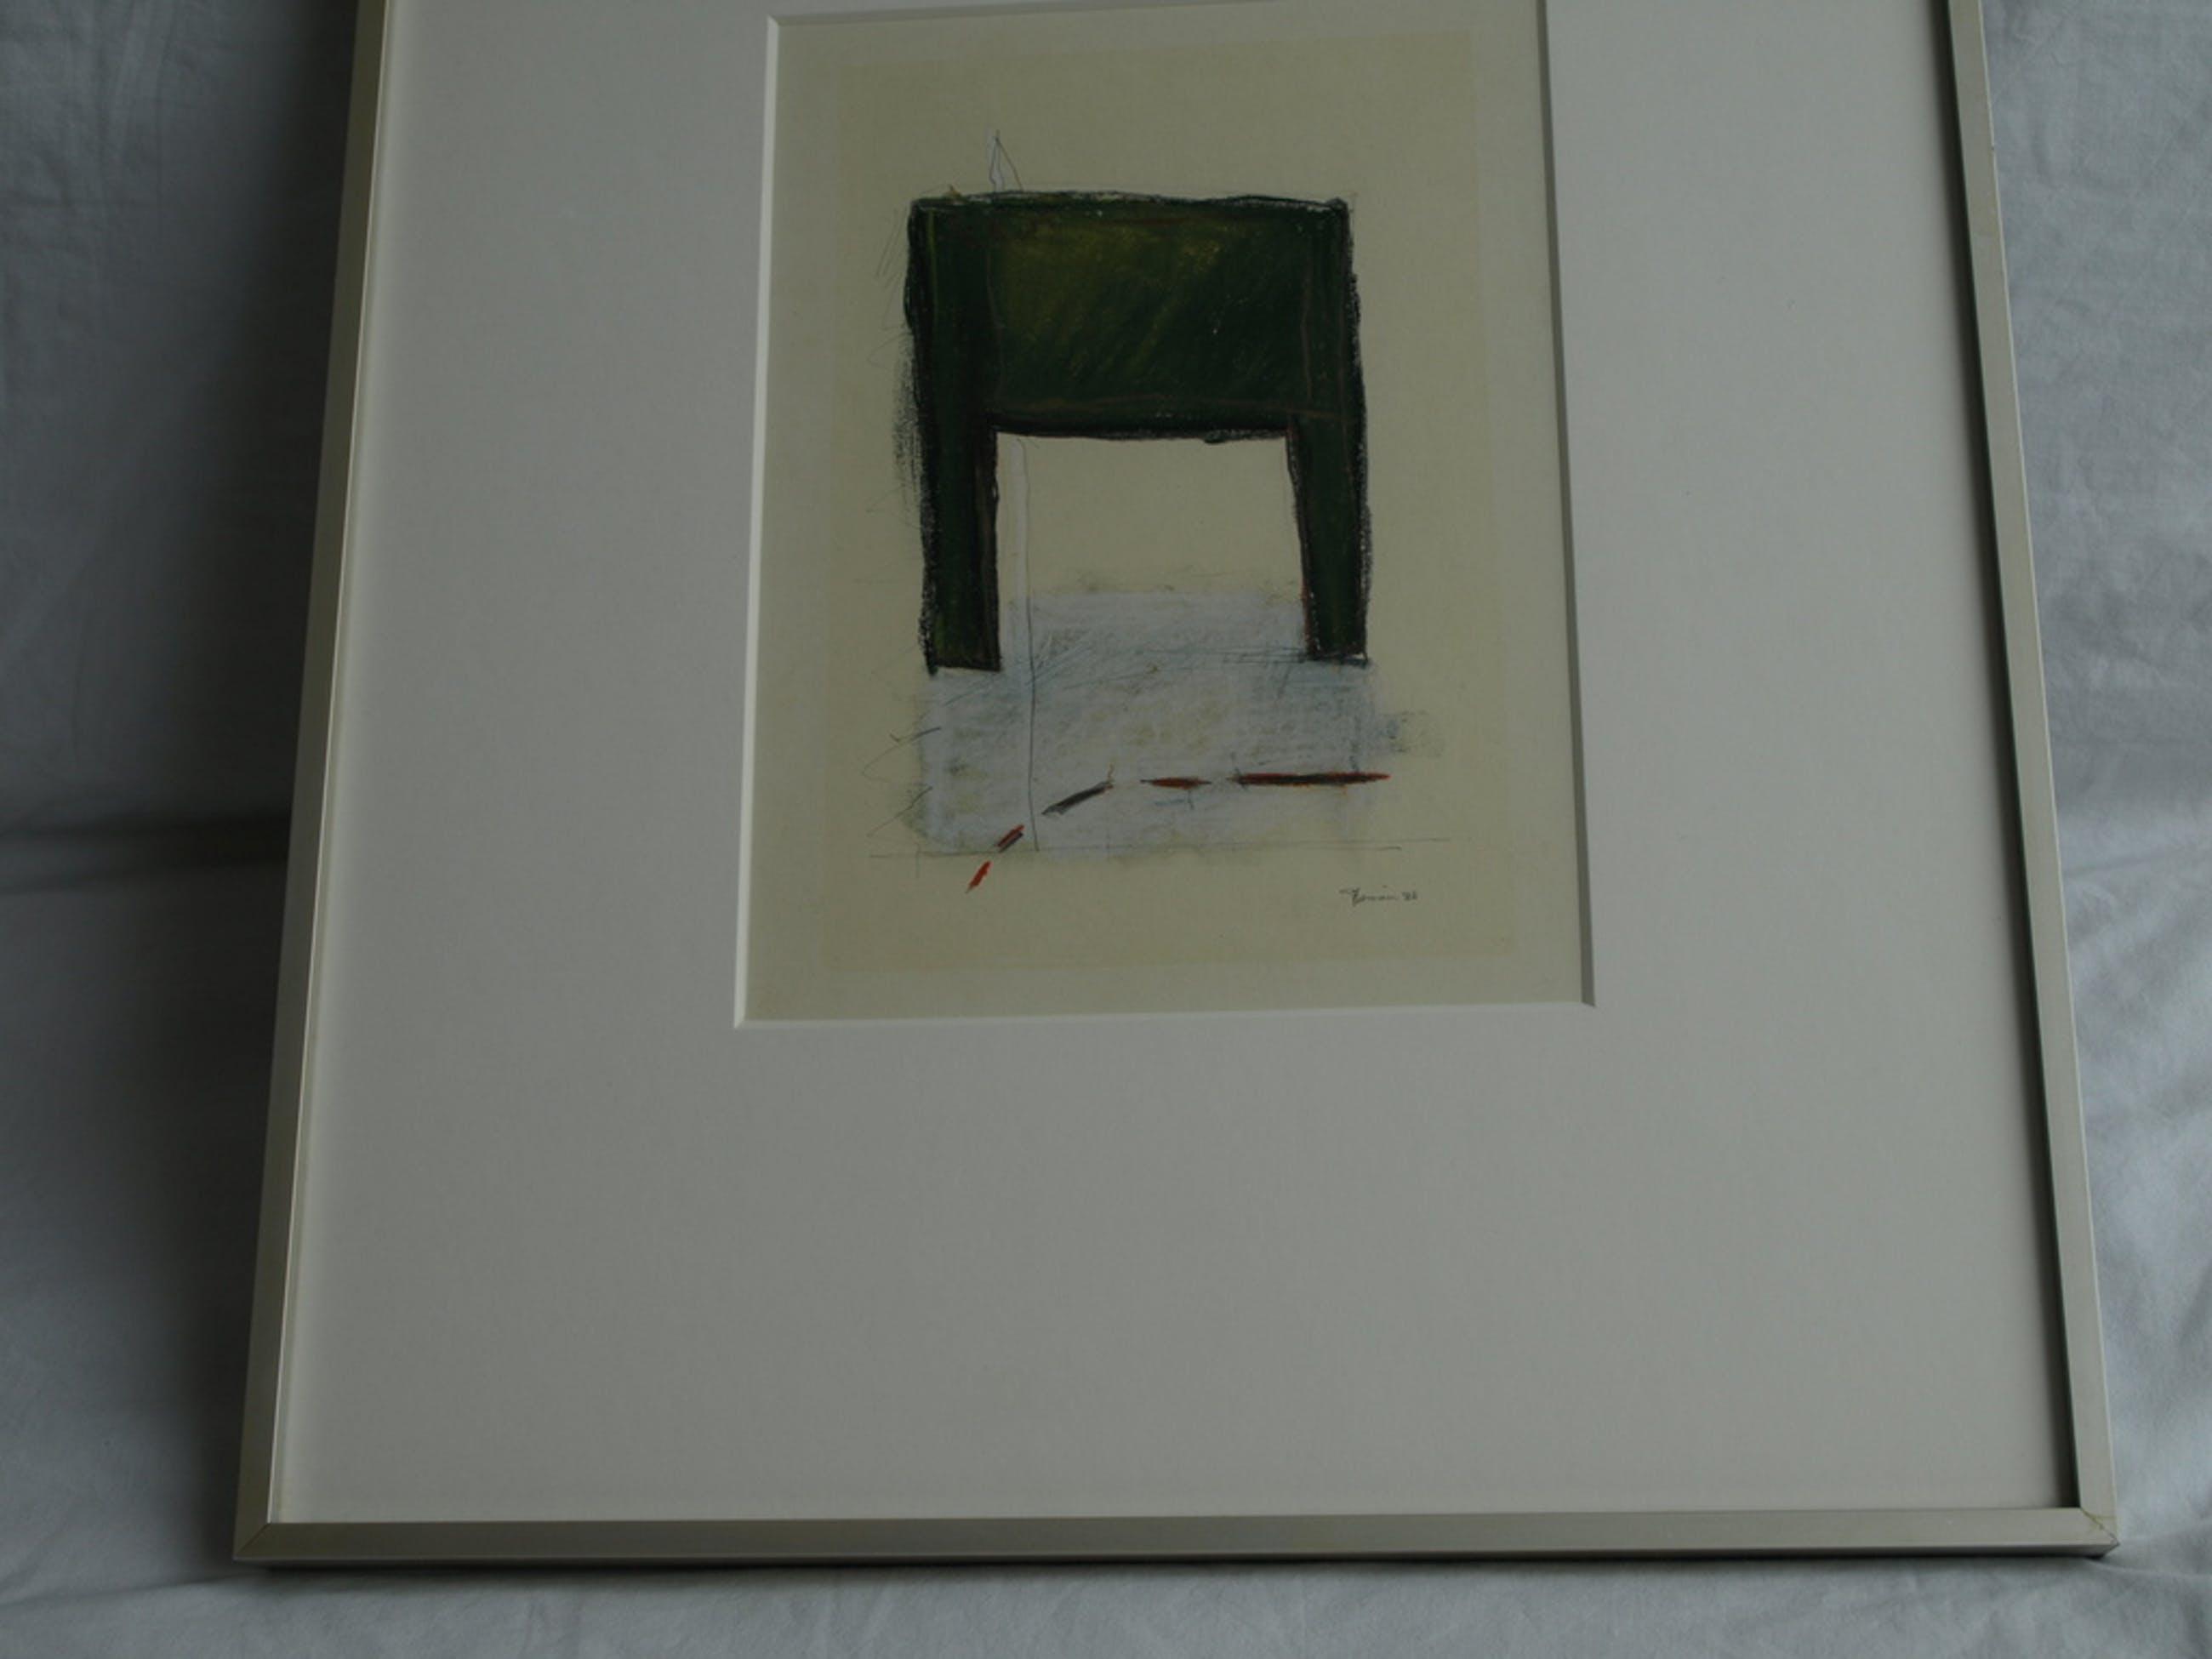 Jet Rotmans : Pastelkrijt – Zonder titel – gesigneerd – Ingelijst - 1988 kopen? Bied vanaf 40!